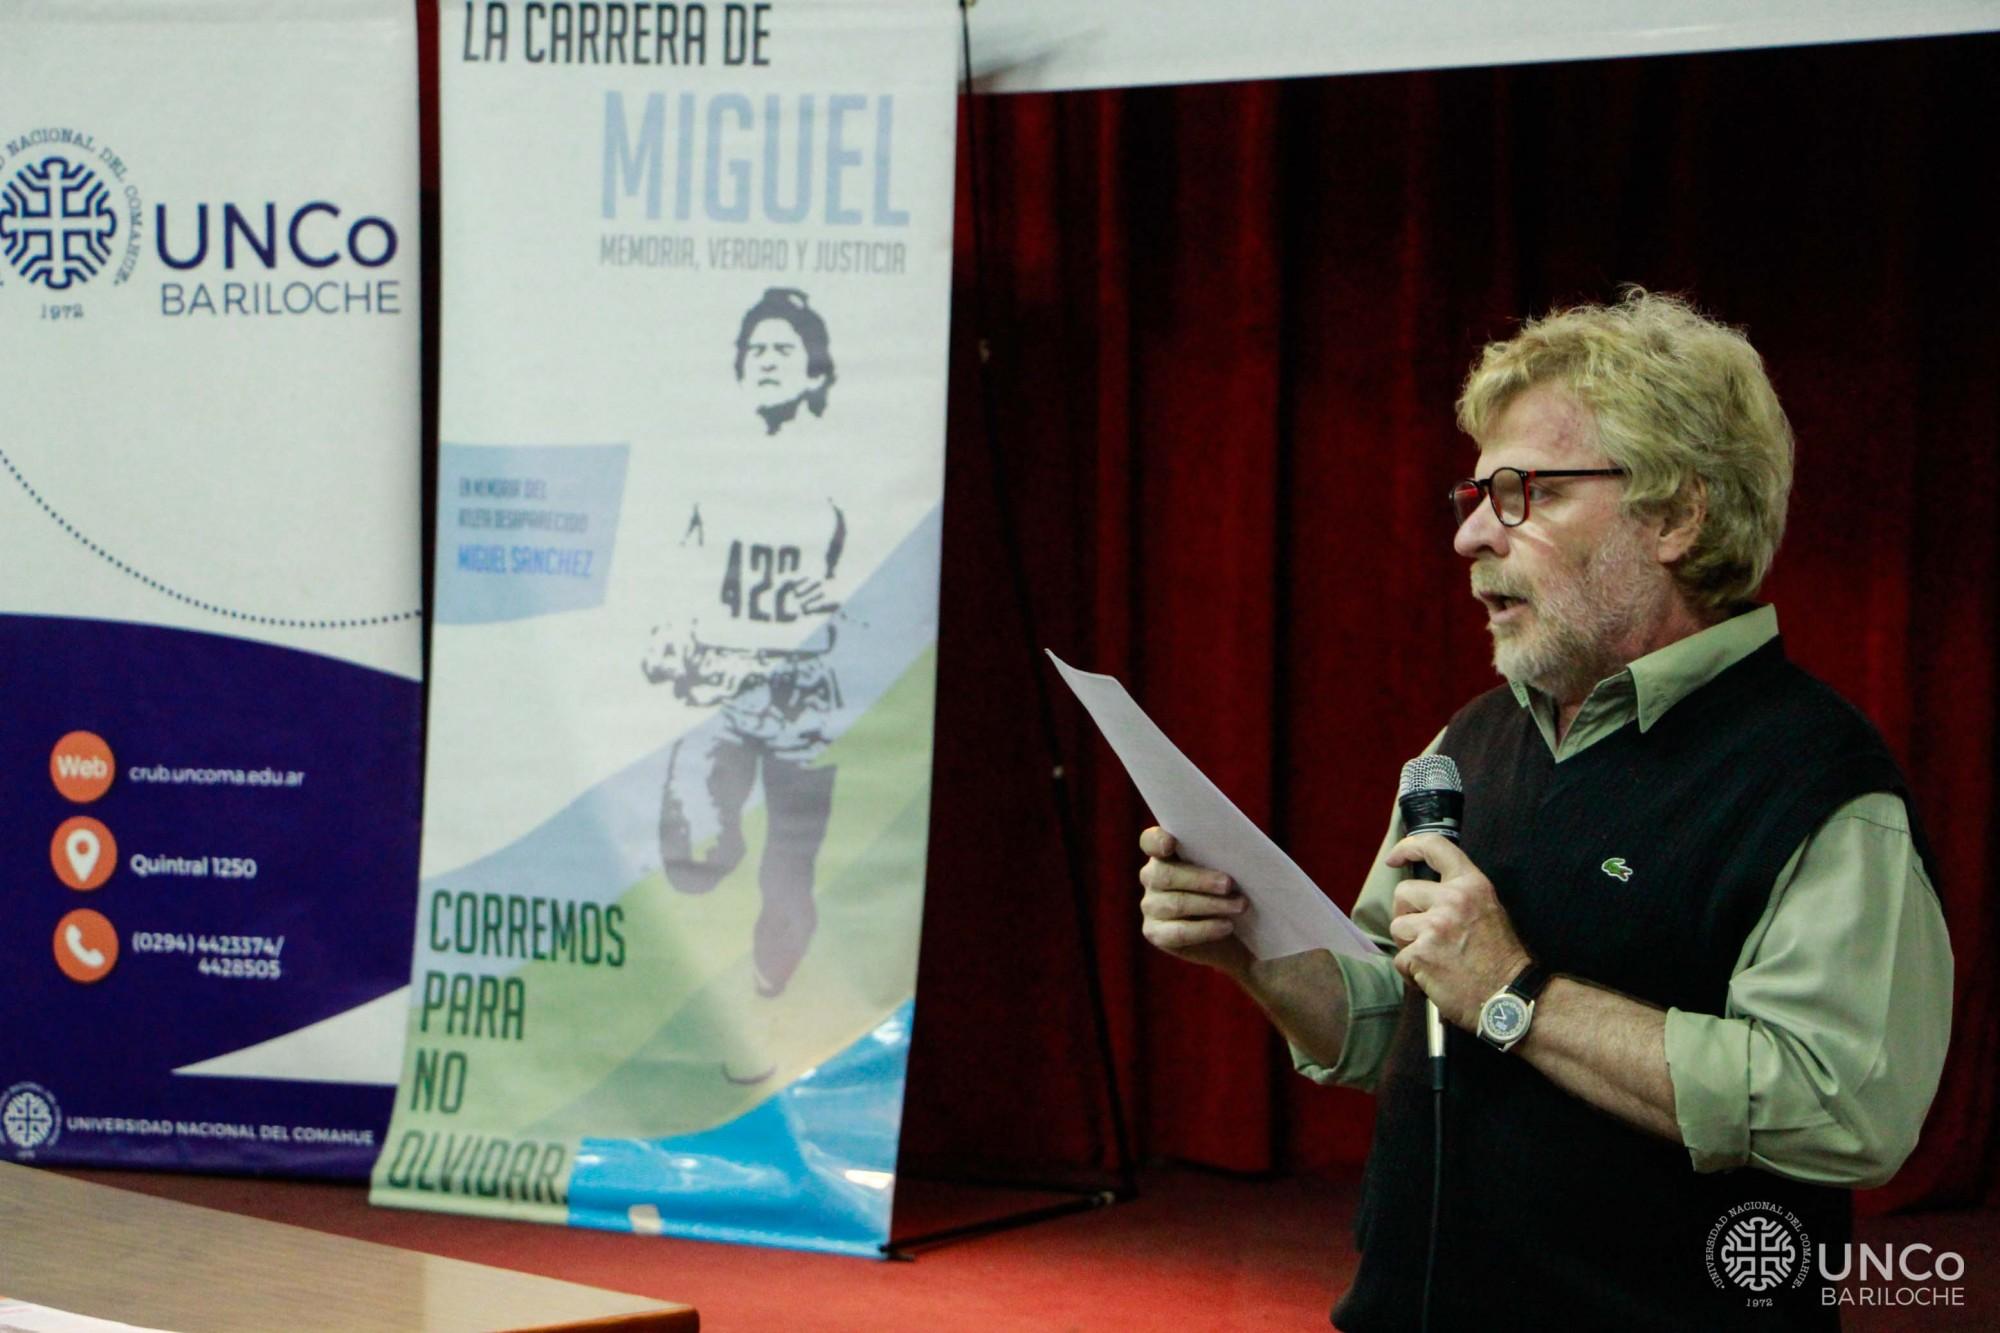 Jornadas DDHH UNCo Bariloche-3